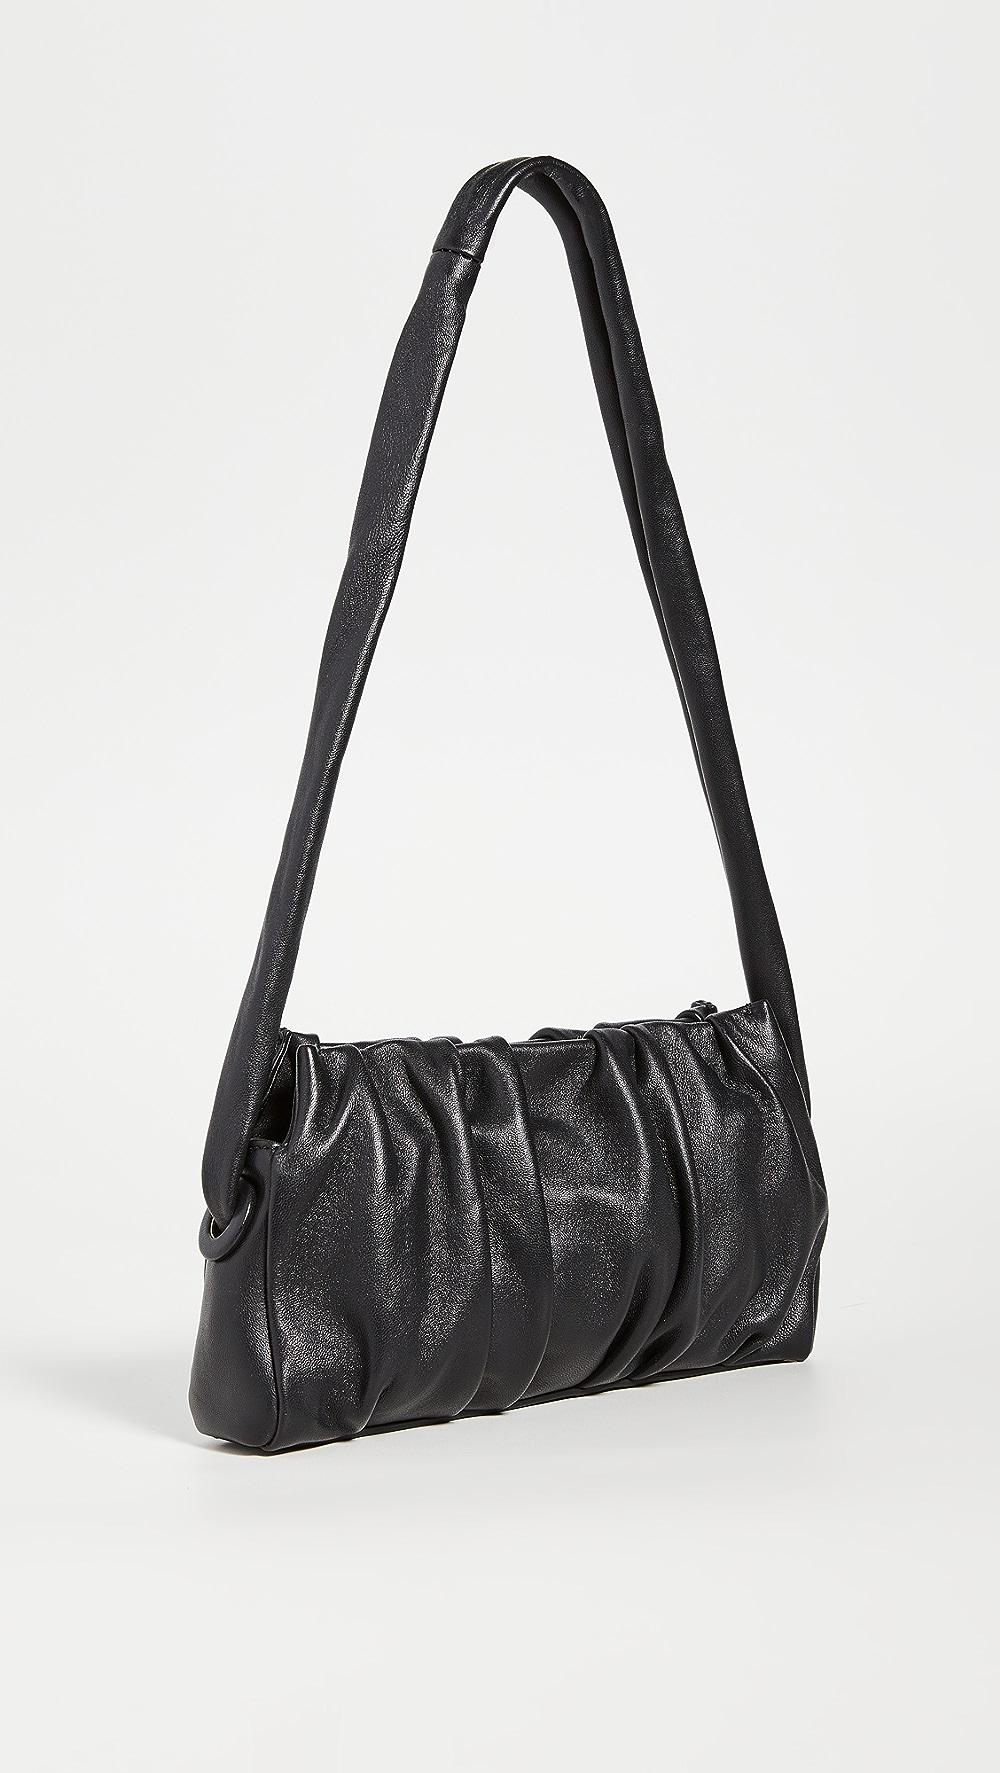 Amicable Elleme - Vague Bag More Discounts Surprises